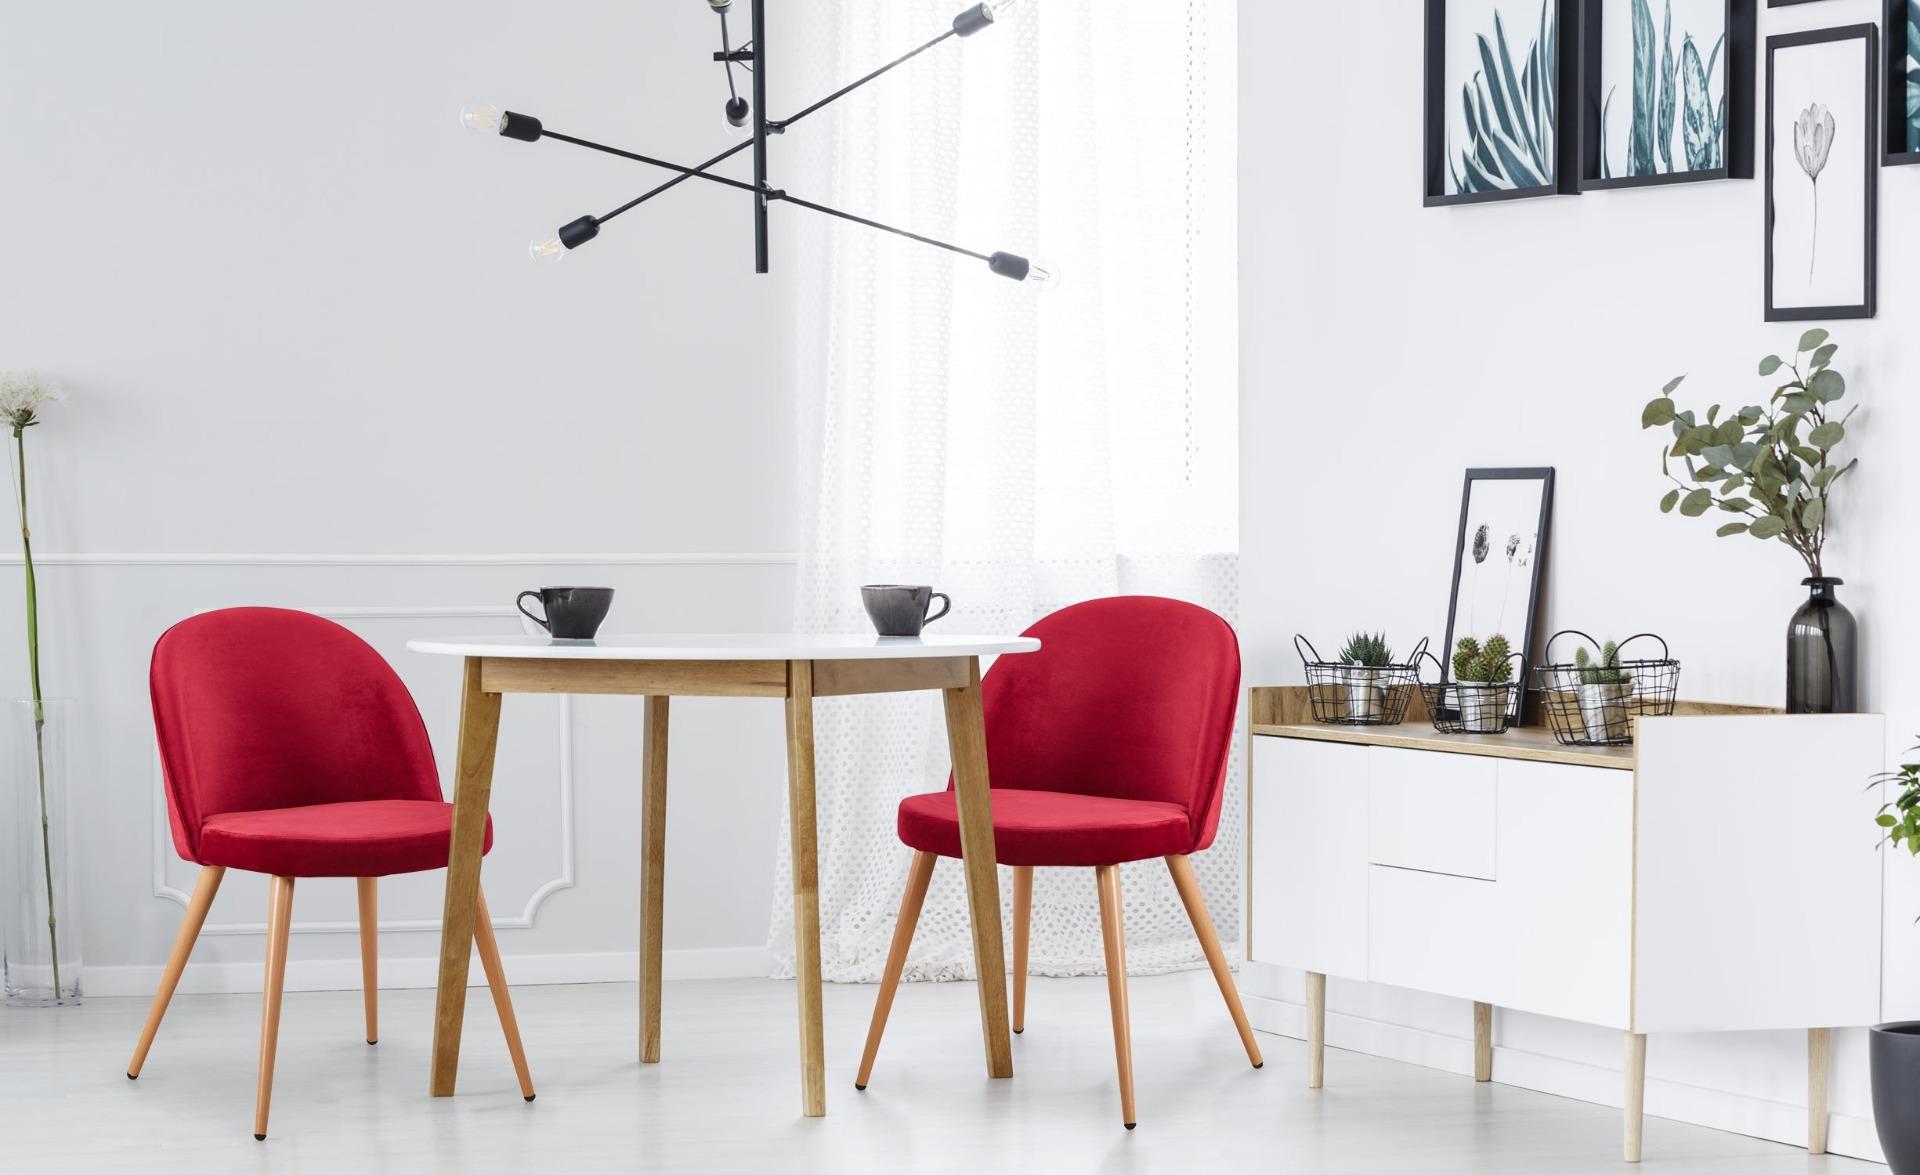 Set van 4 Scandinavische stoelen van rood fluweel met schotse ruit